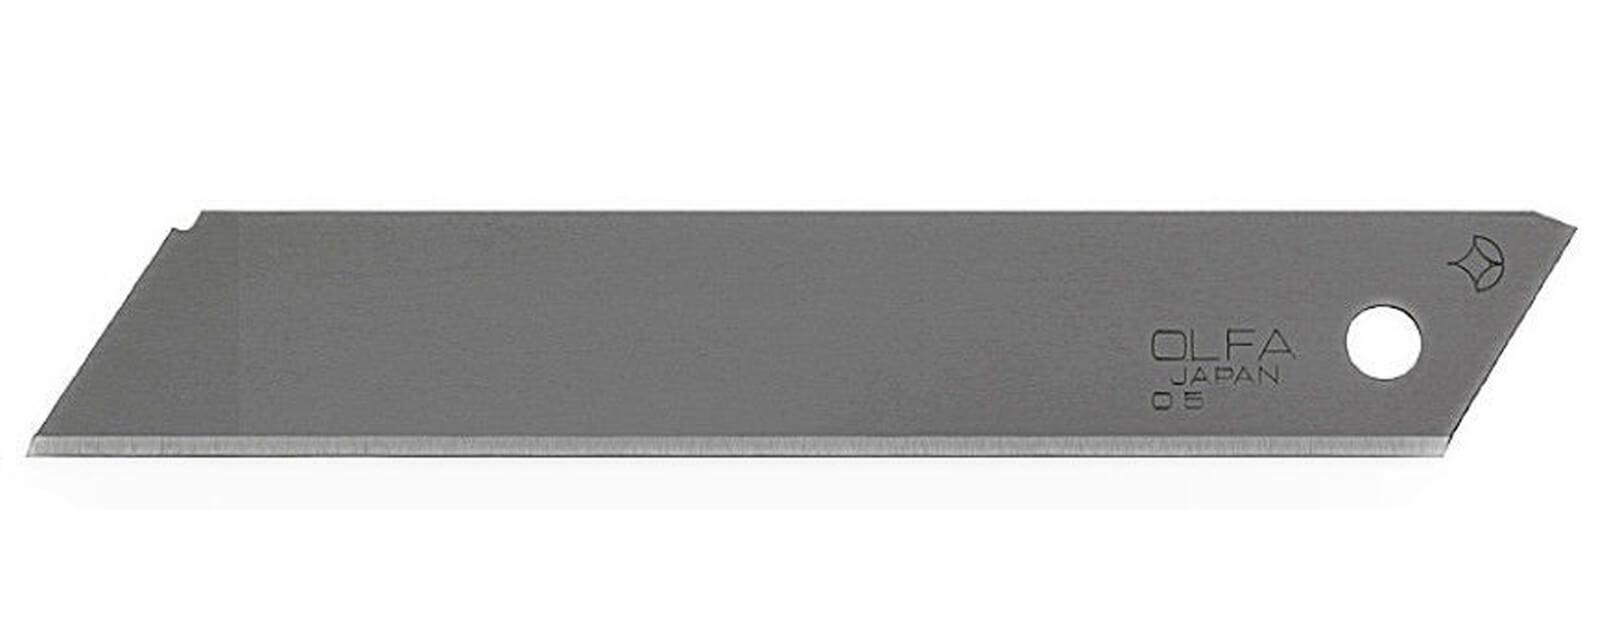 K043O-Cuttermesser-Klinge-18mm-OLFA-ohne-Abbrechsegmente-Styropor-LB-SOL-CURT-tools_1600